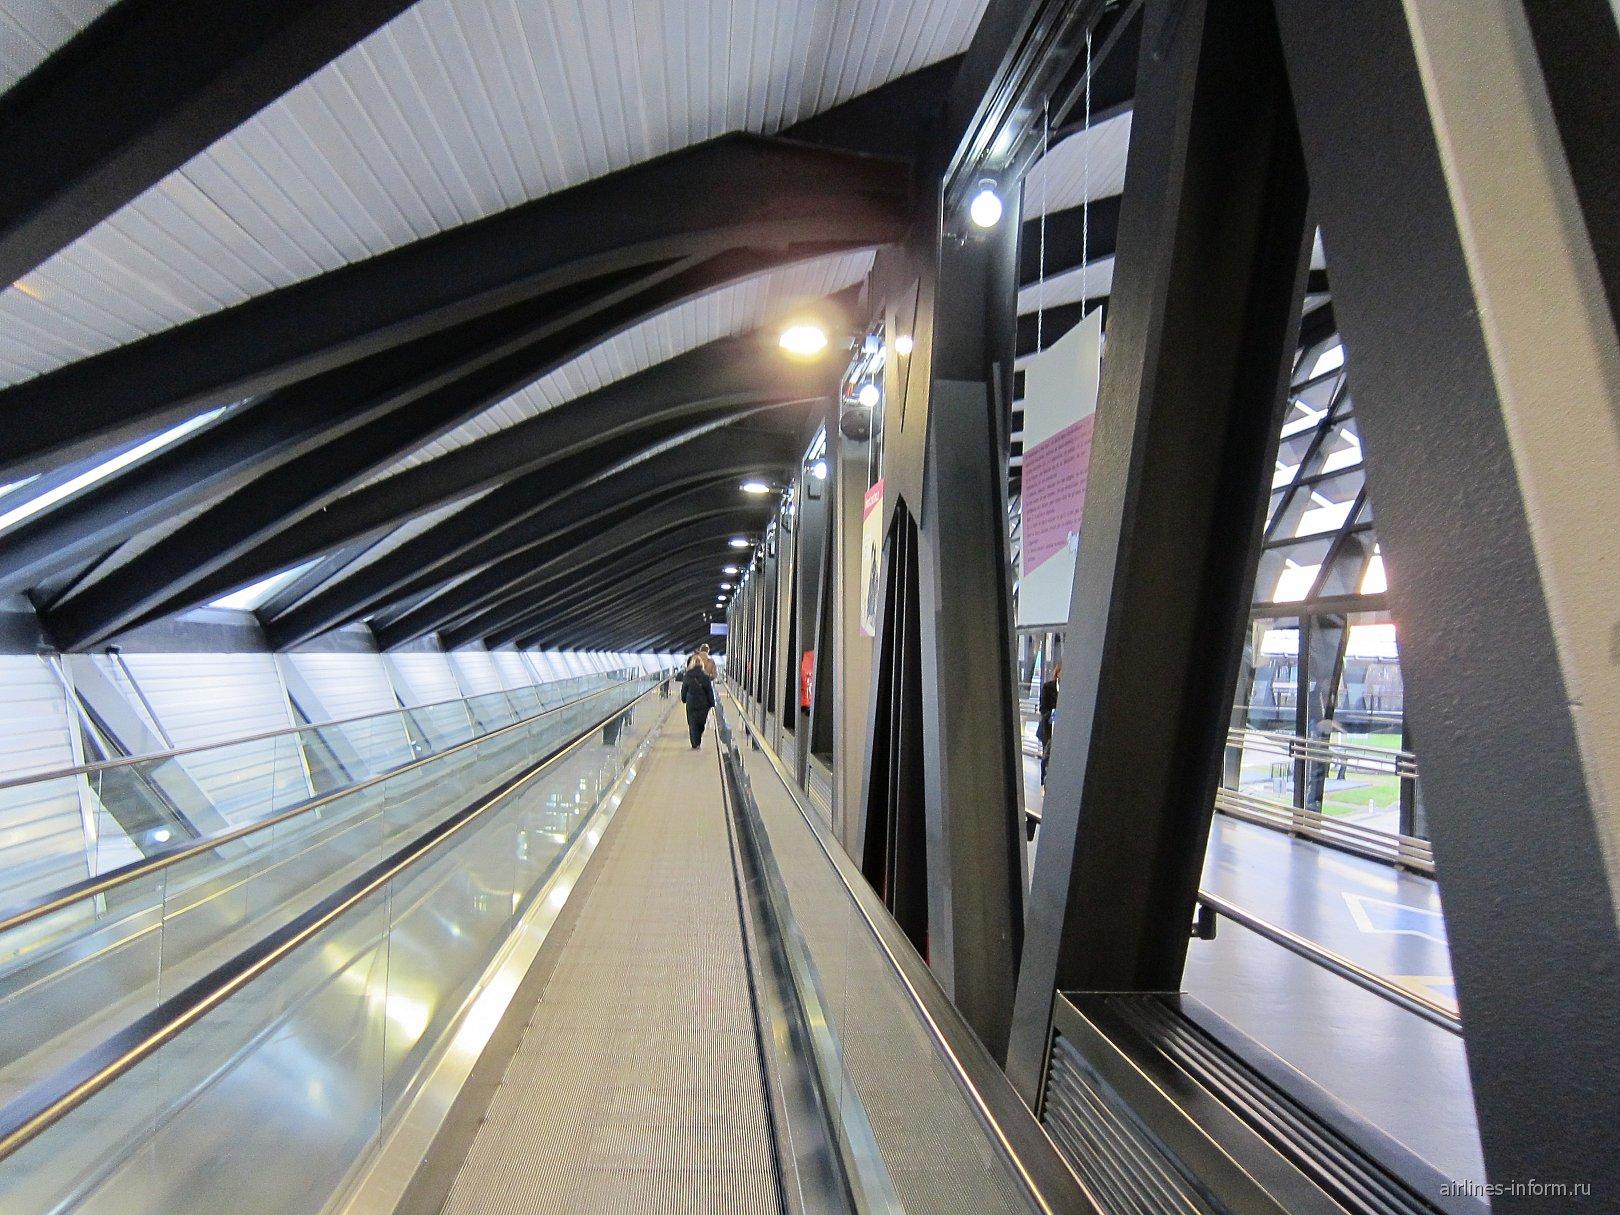 Переход в аэропорту Лион Сент-Экзюпери